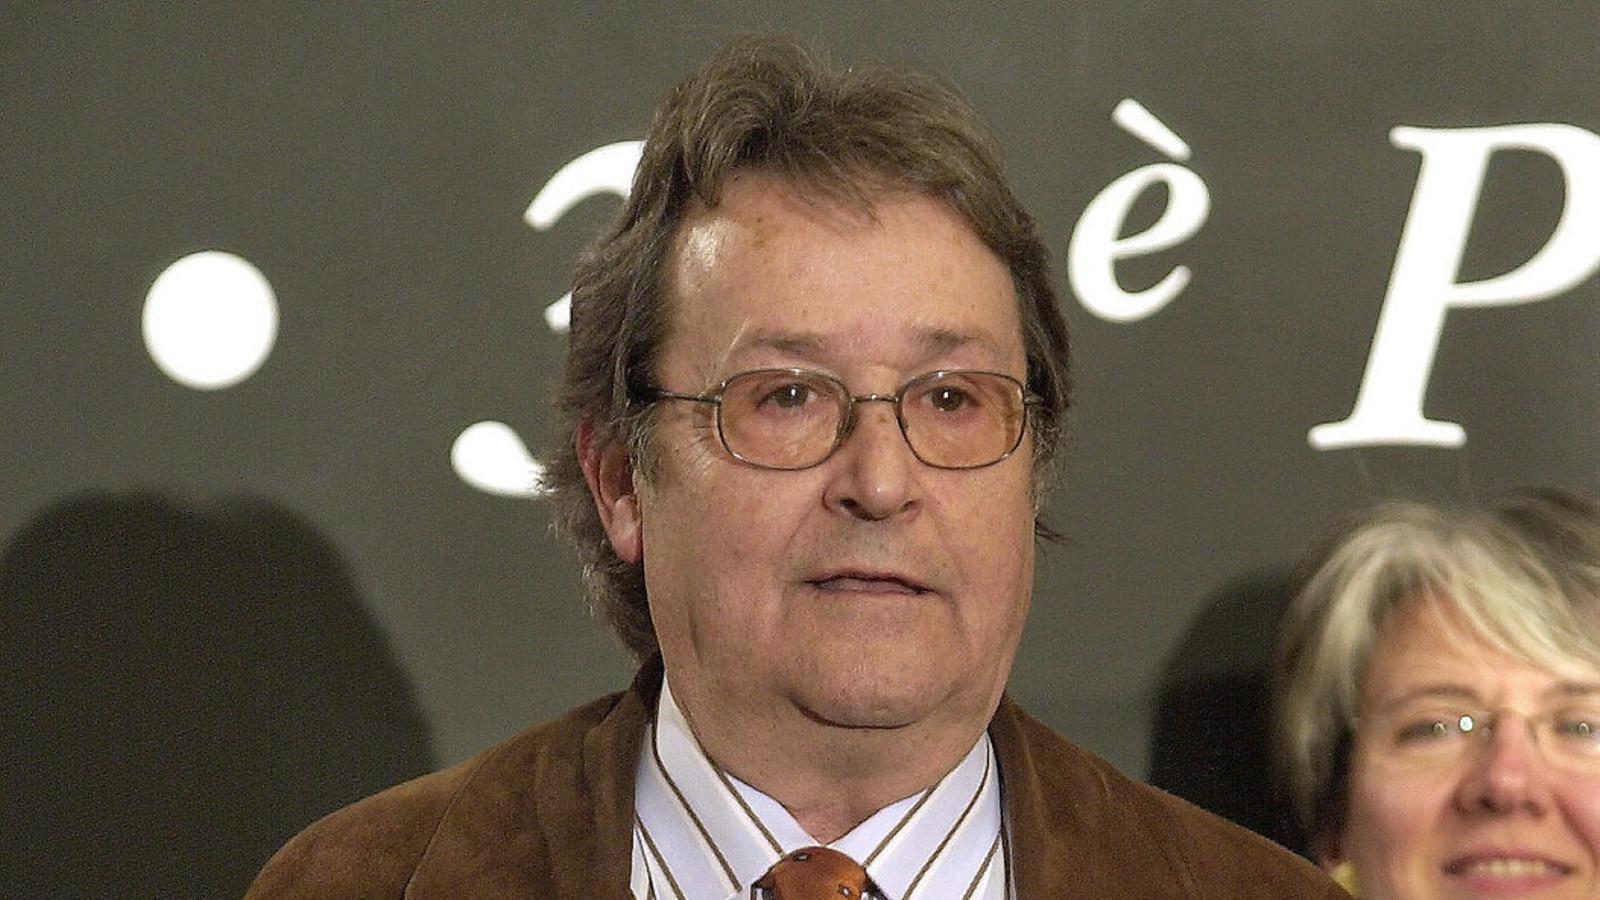 Robert Saladrigas va guanyar el premi Josep Pla el 2004 amb La llibreta groga.